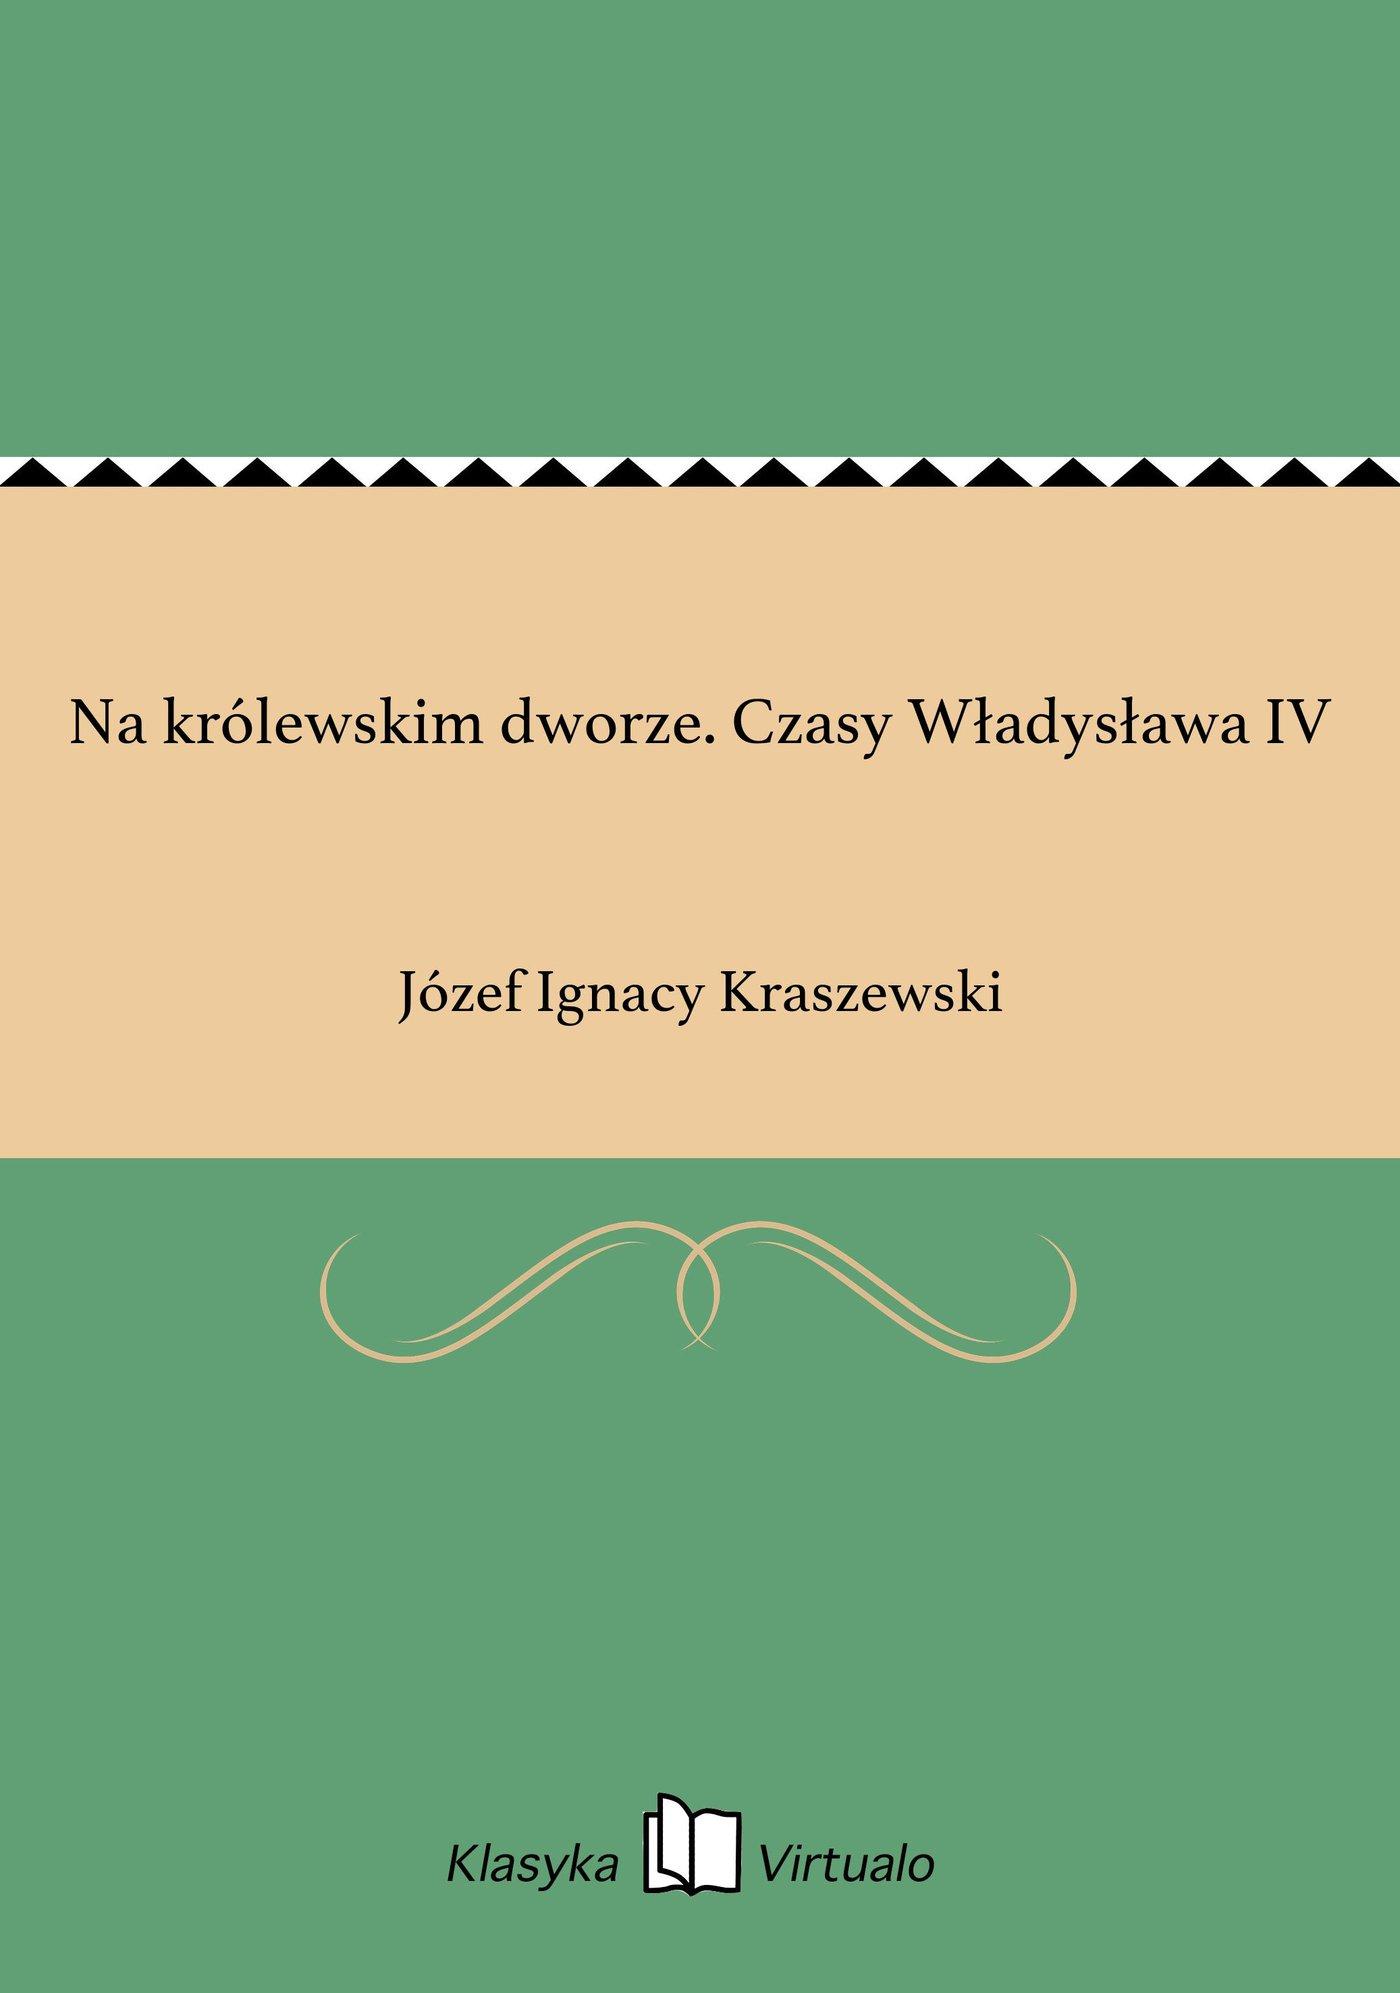 Na królewskim dworze. Czasy Władysława IV - Ebook (Książka EPUB) do pobrania w formacie EPUB